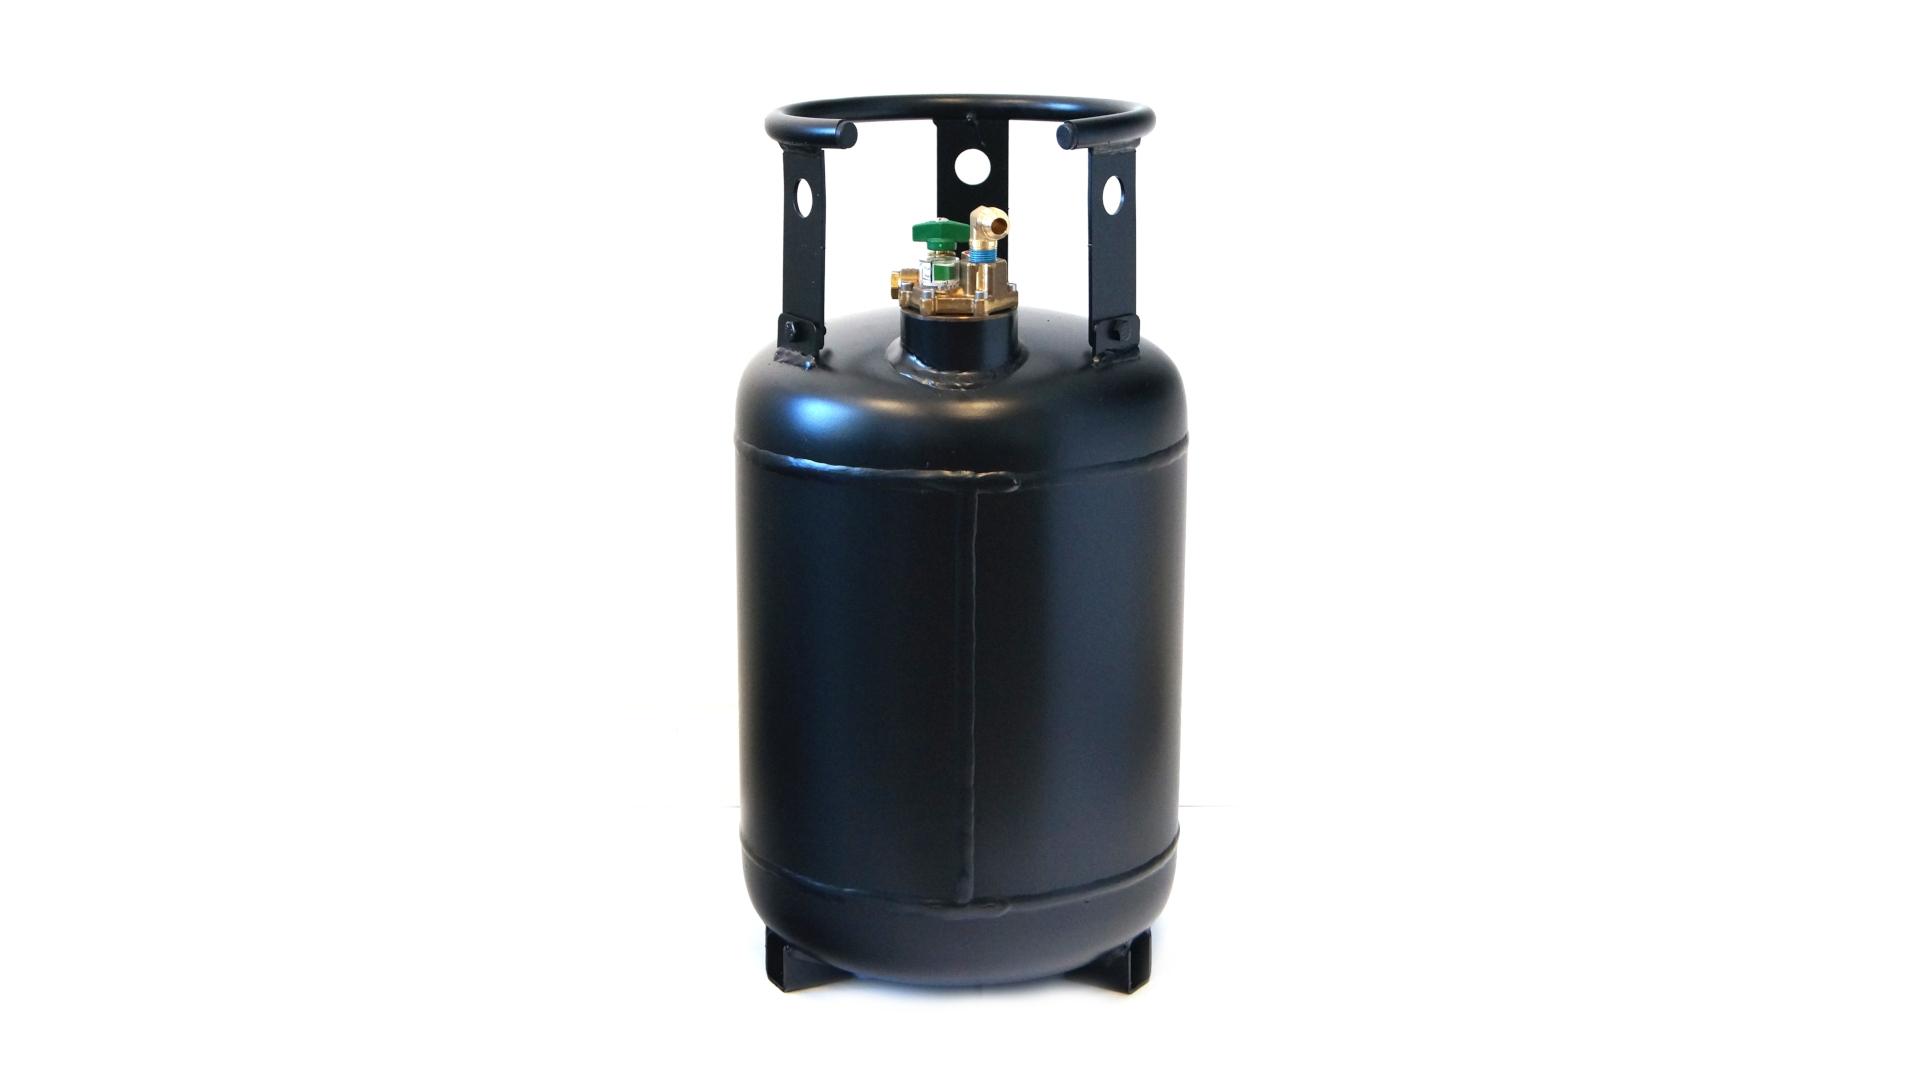 Cilindro de gas de 30 litros con multiválvula 80%